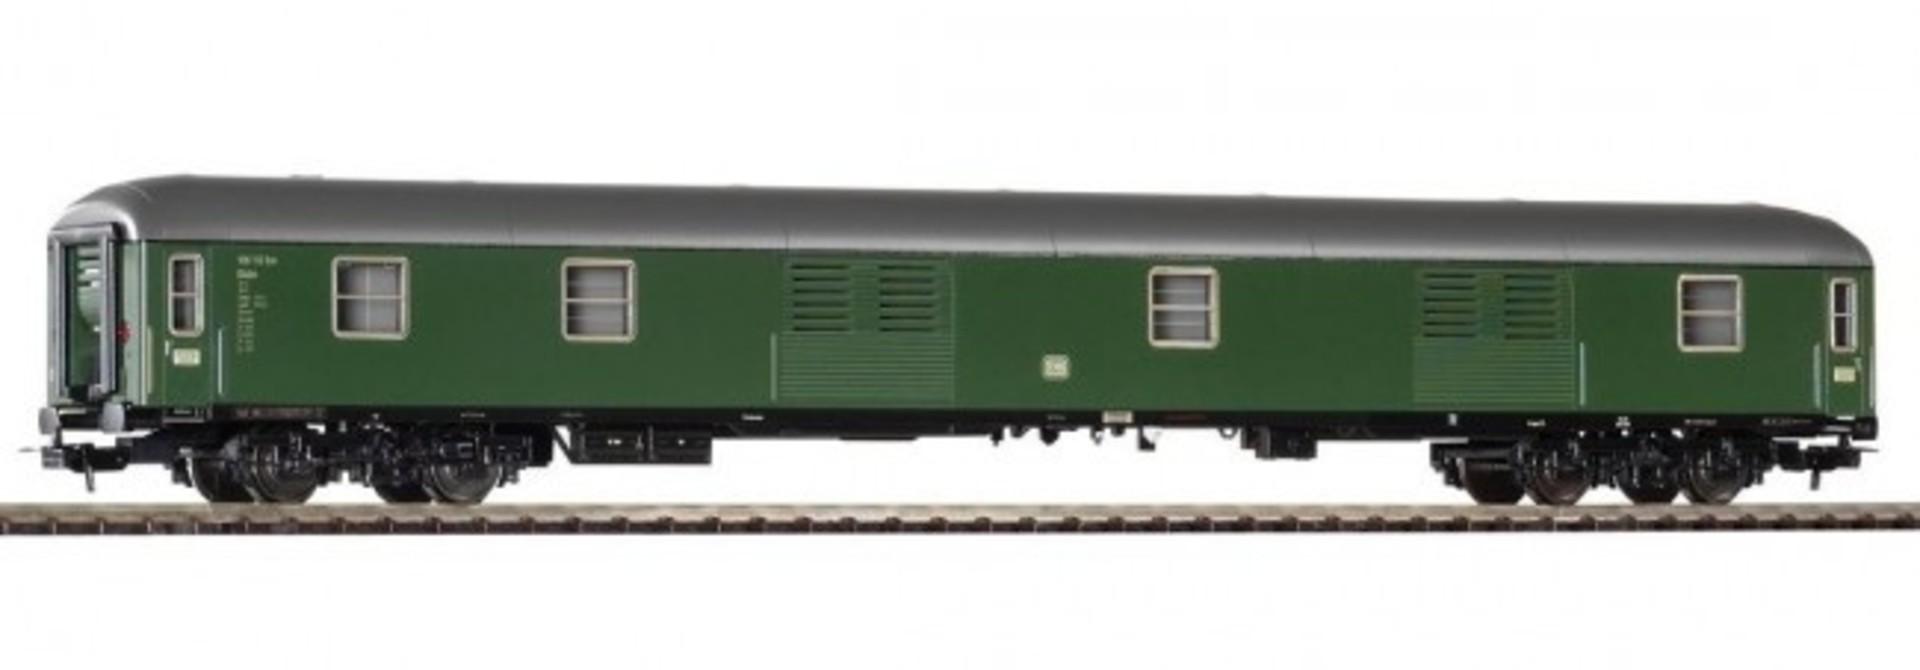 59642 Schnellzugwagen Gepäck, DB